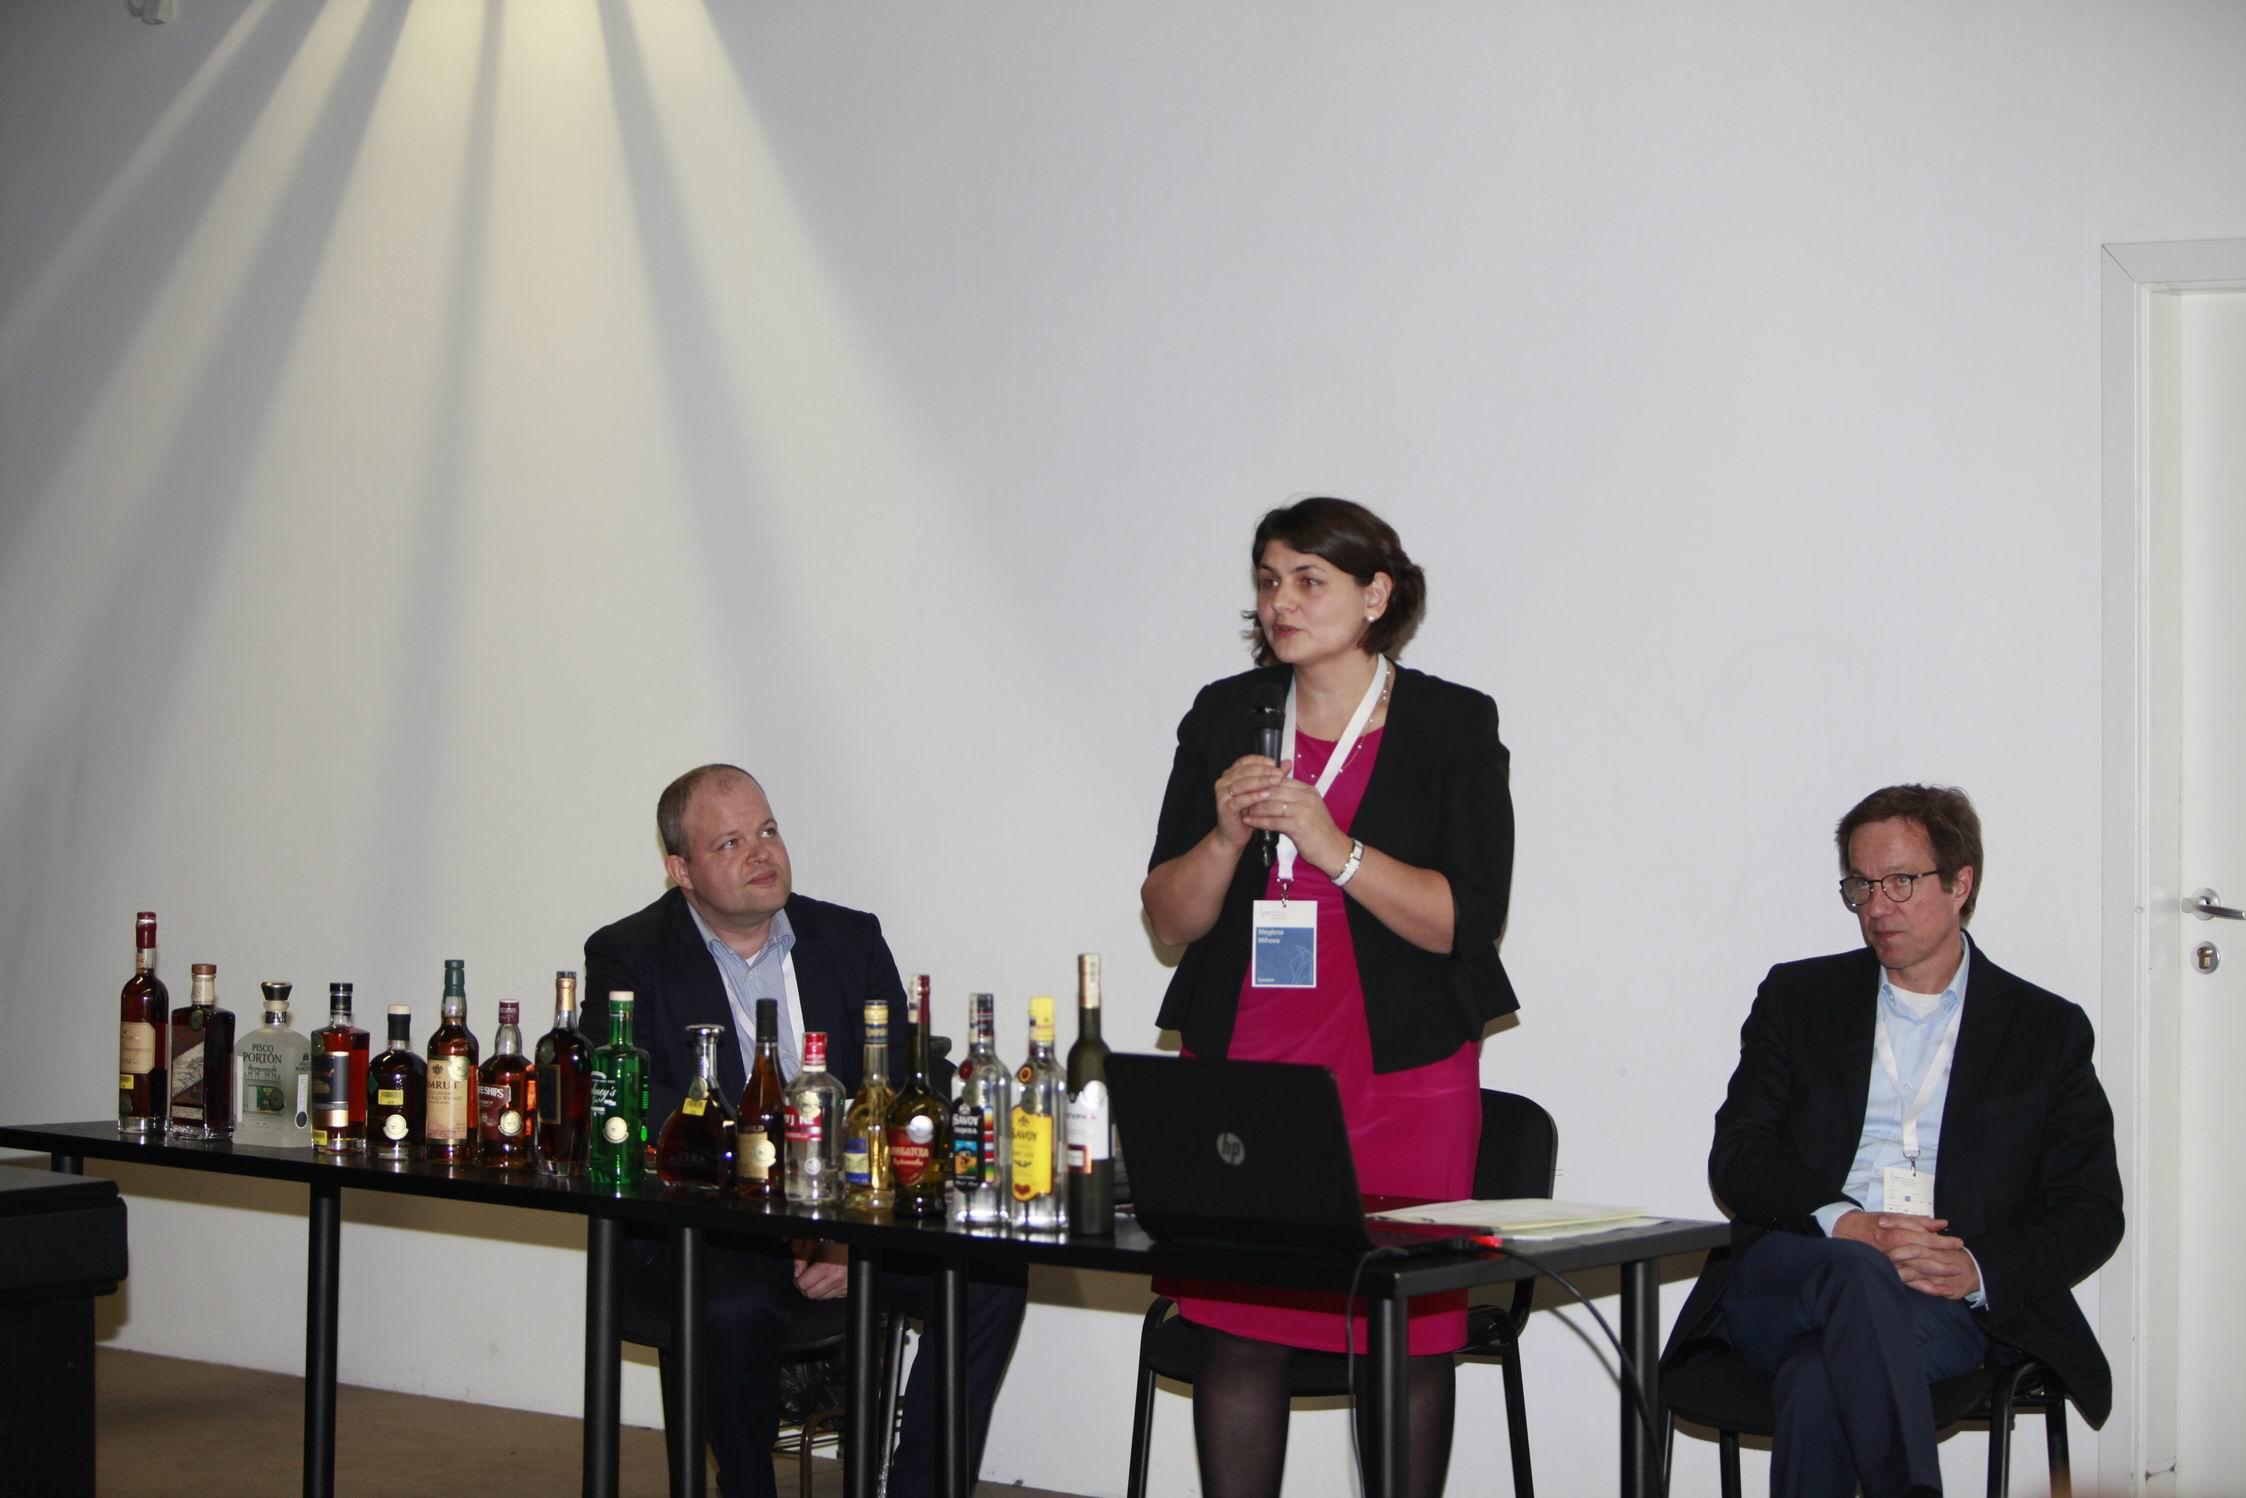 България може да бъде известна не само с ракия и вино